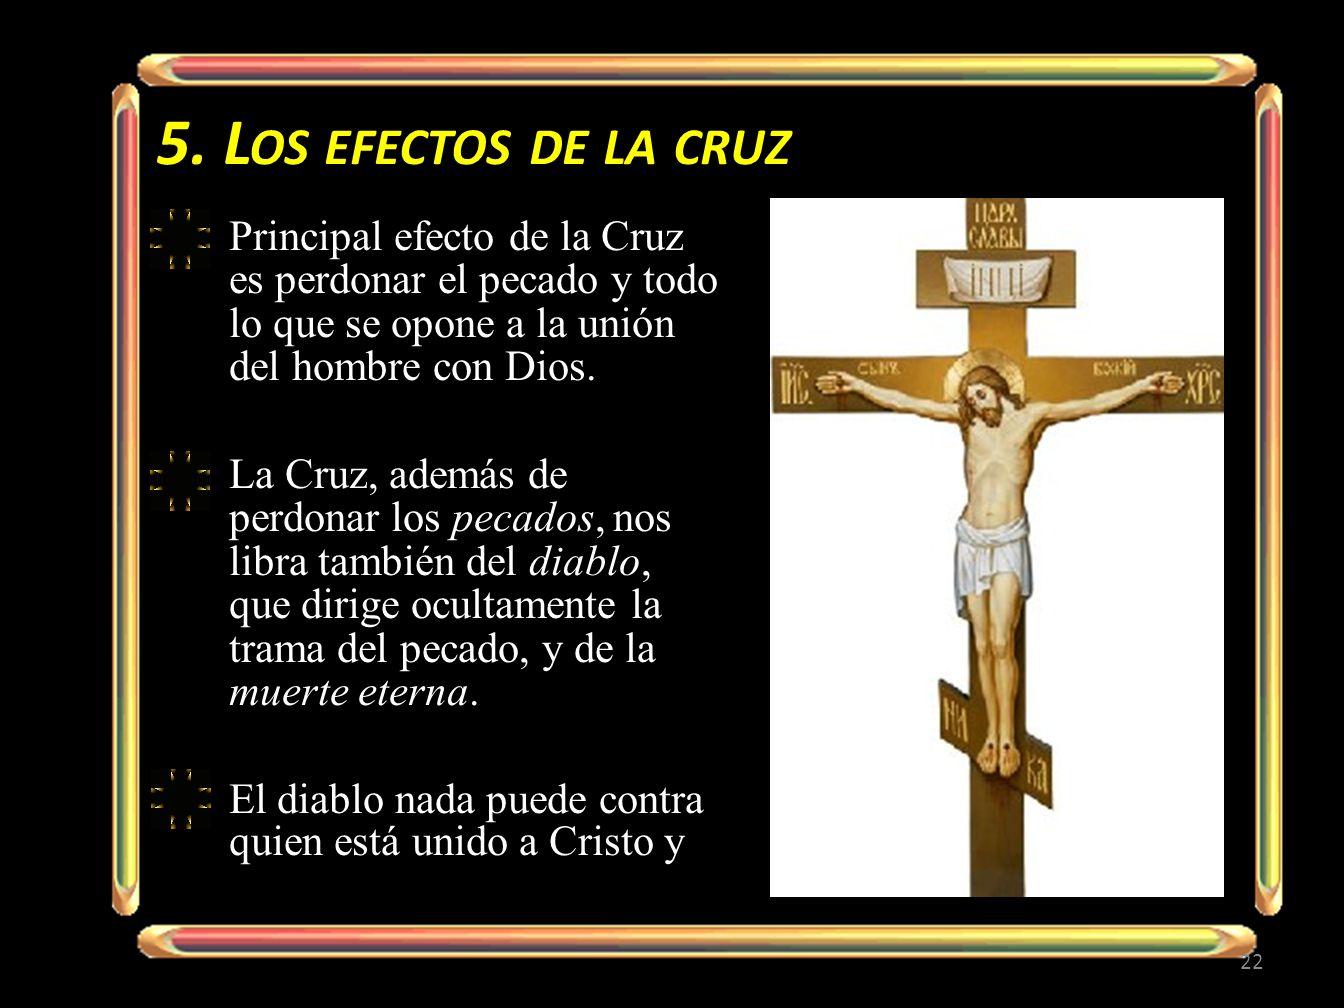 5. Los efectos de la cruz Principal efecto de la Cruz es perdonar el pecado y todo lo que se opone a la unión del hombre con Dios.